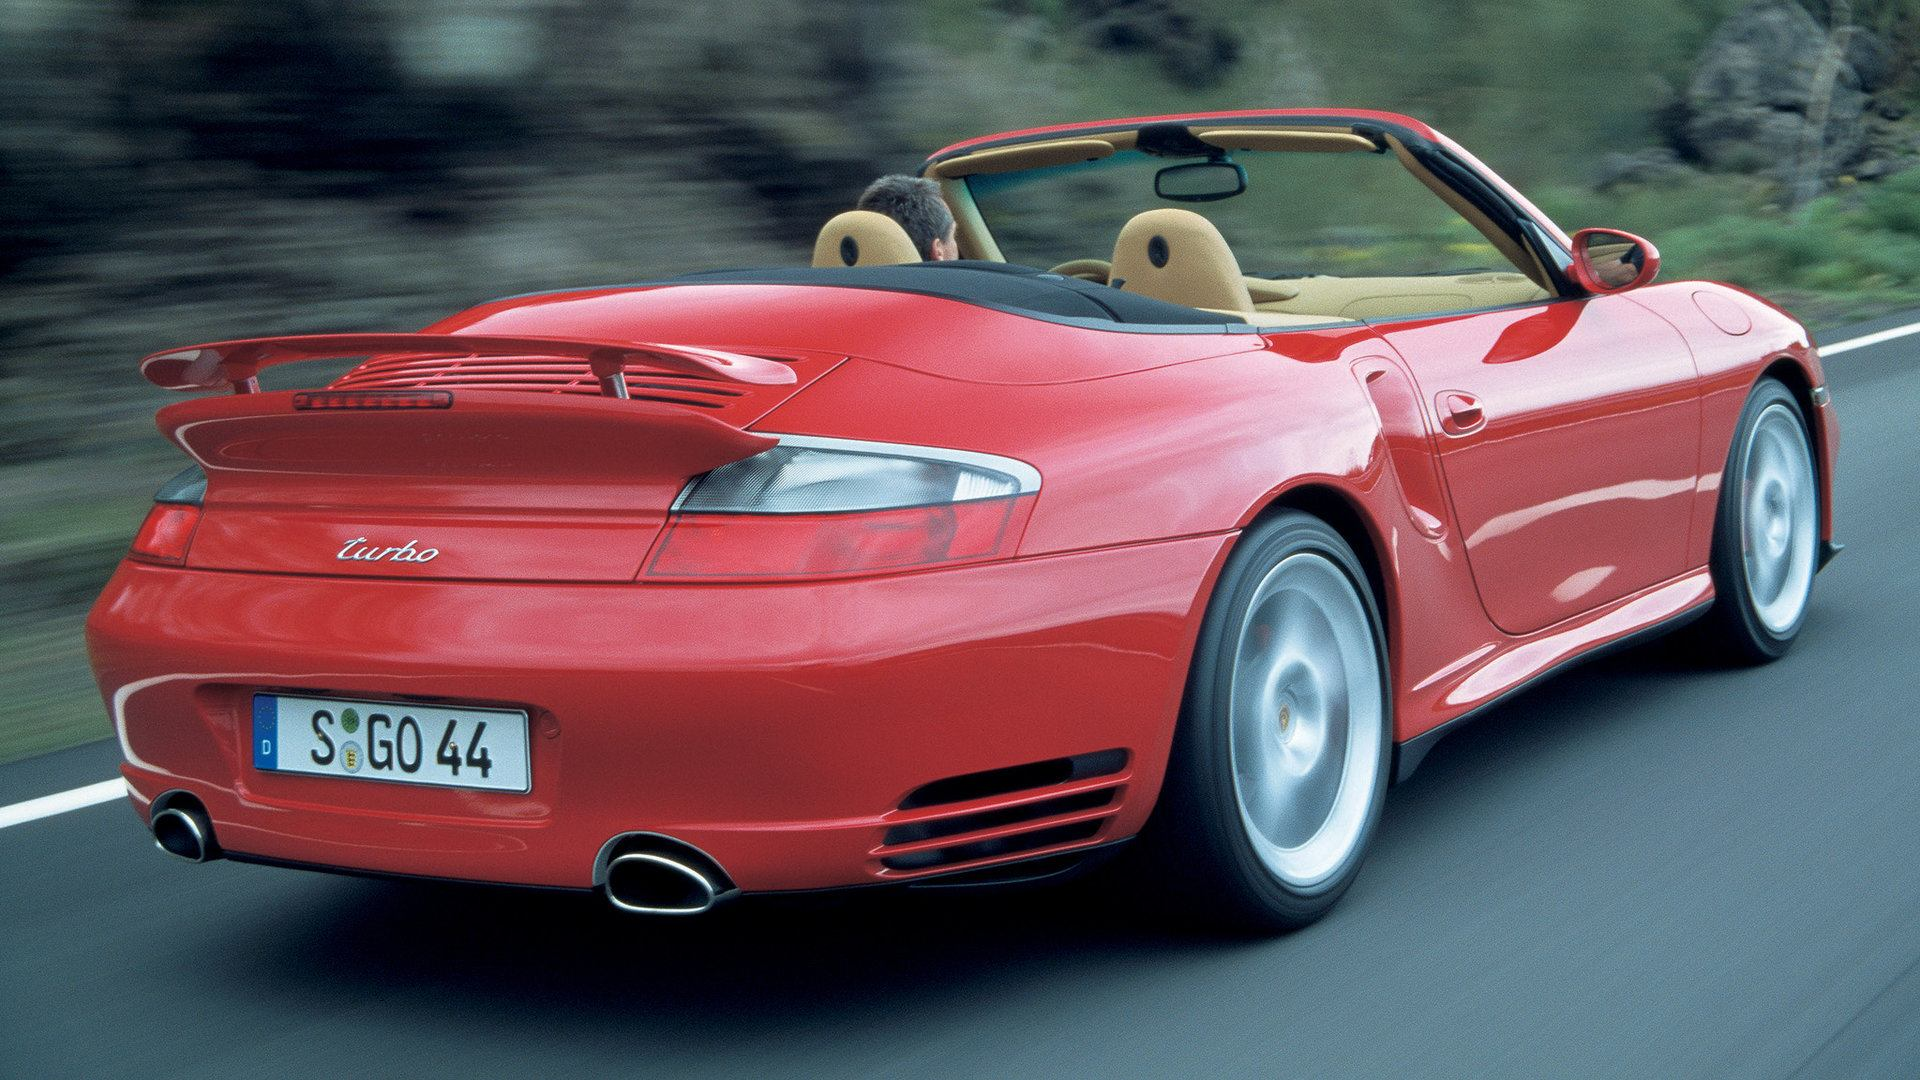 Porsche 911 Turbo Cabrio 996 3